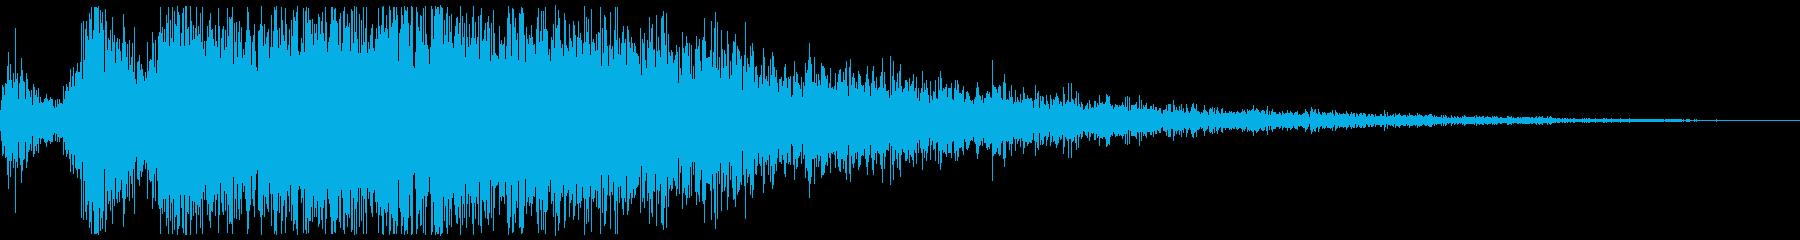 プシュー(エアー音、蒸気音) の再生済みの波形